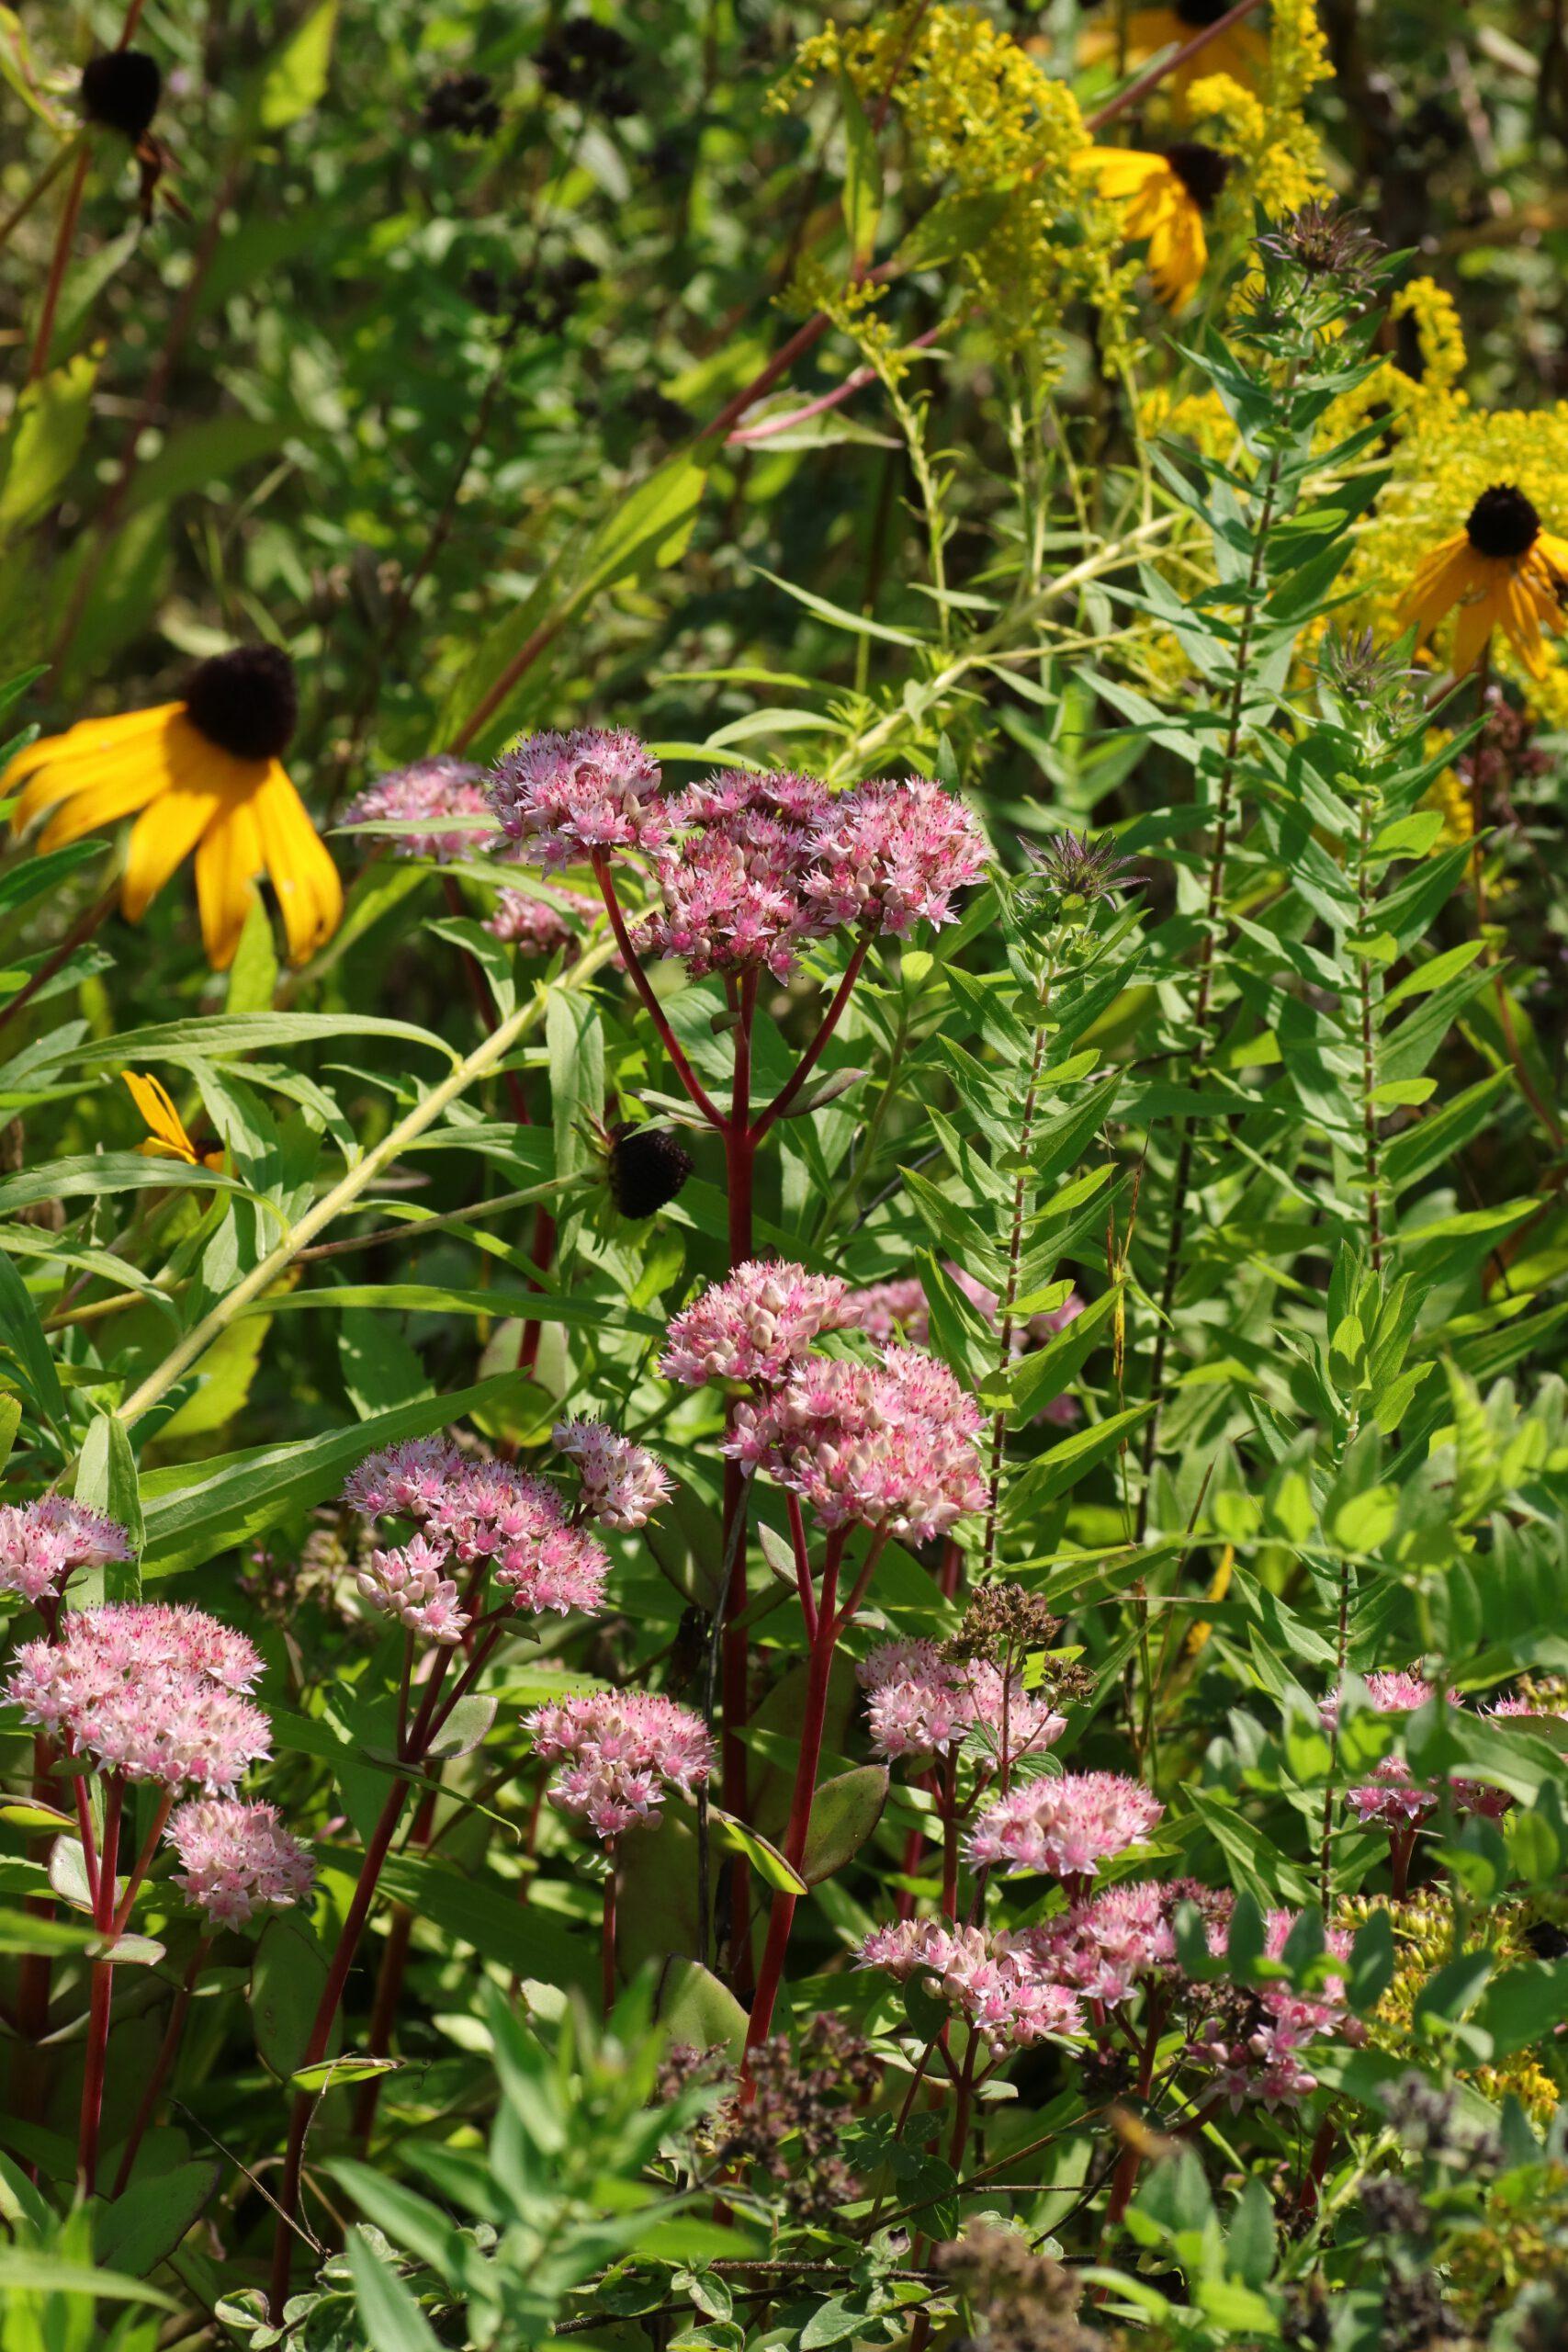 Purpur-Fetthenne - Blütengruppe